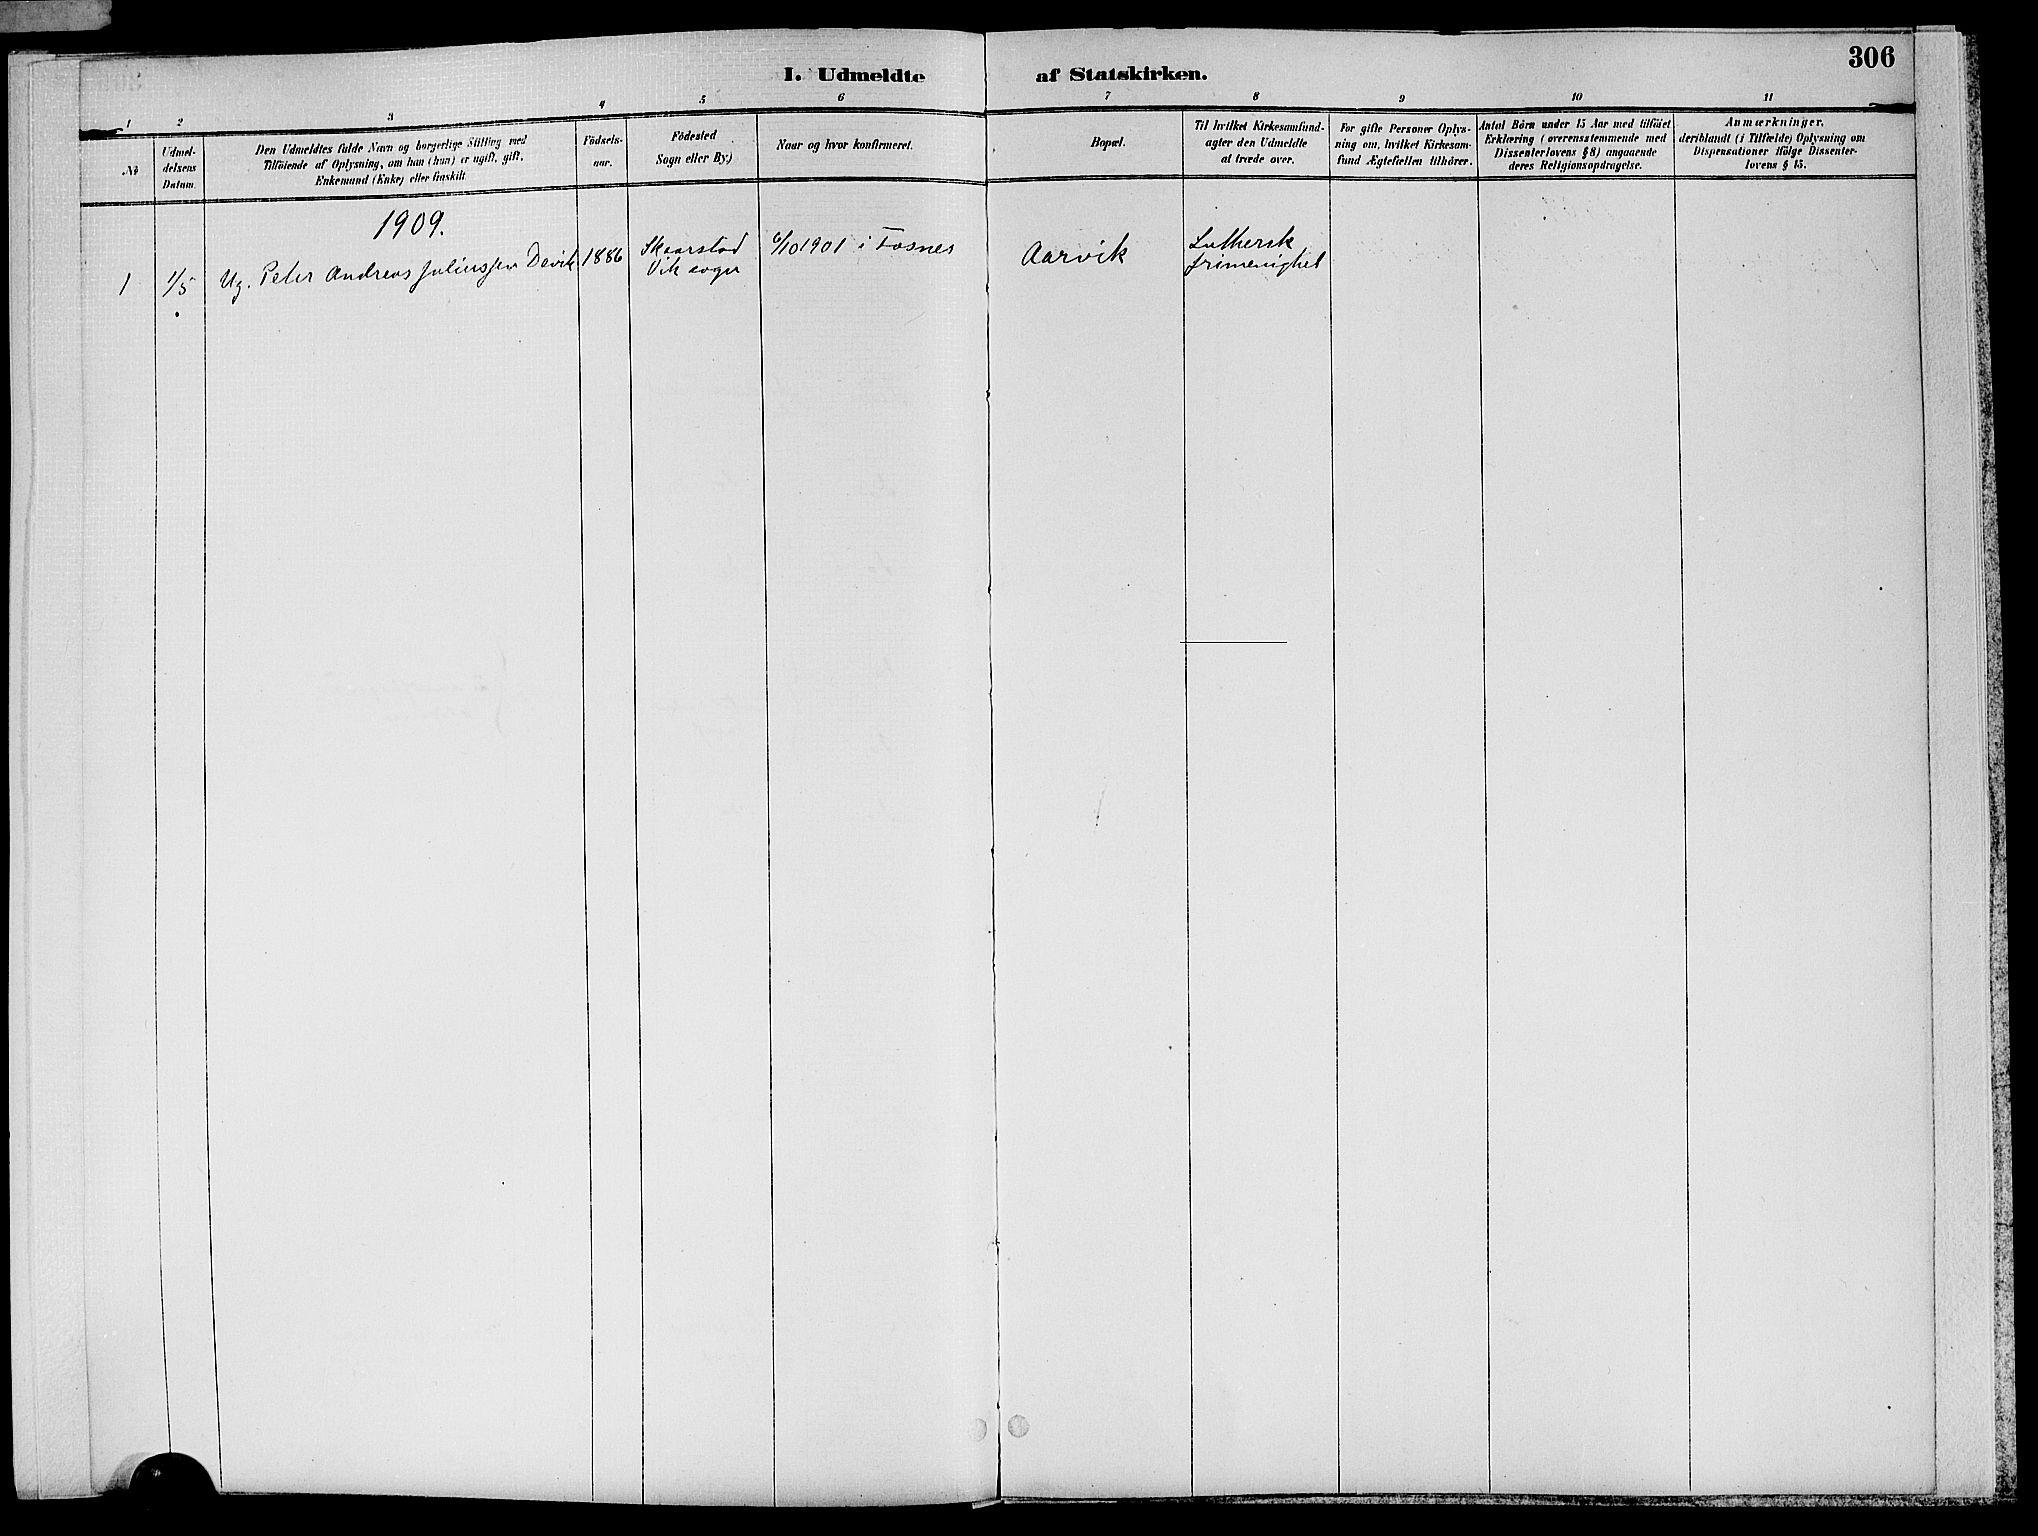 SAT, Ministerialprotokoller, klokkerbøker og fødselsregistre - Nord-Trøndelag, 773/L0617: Ministerialbok nr. 773A08, 1887-1910, s. 306